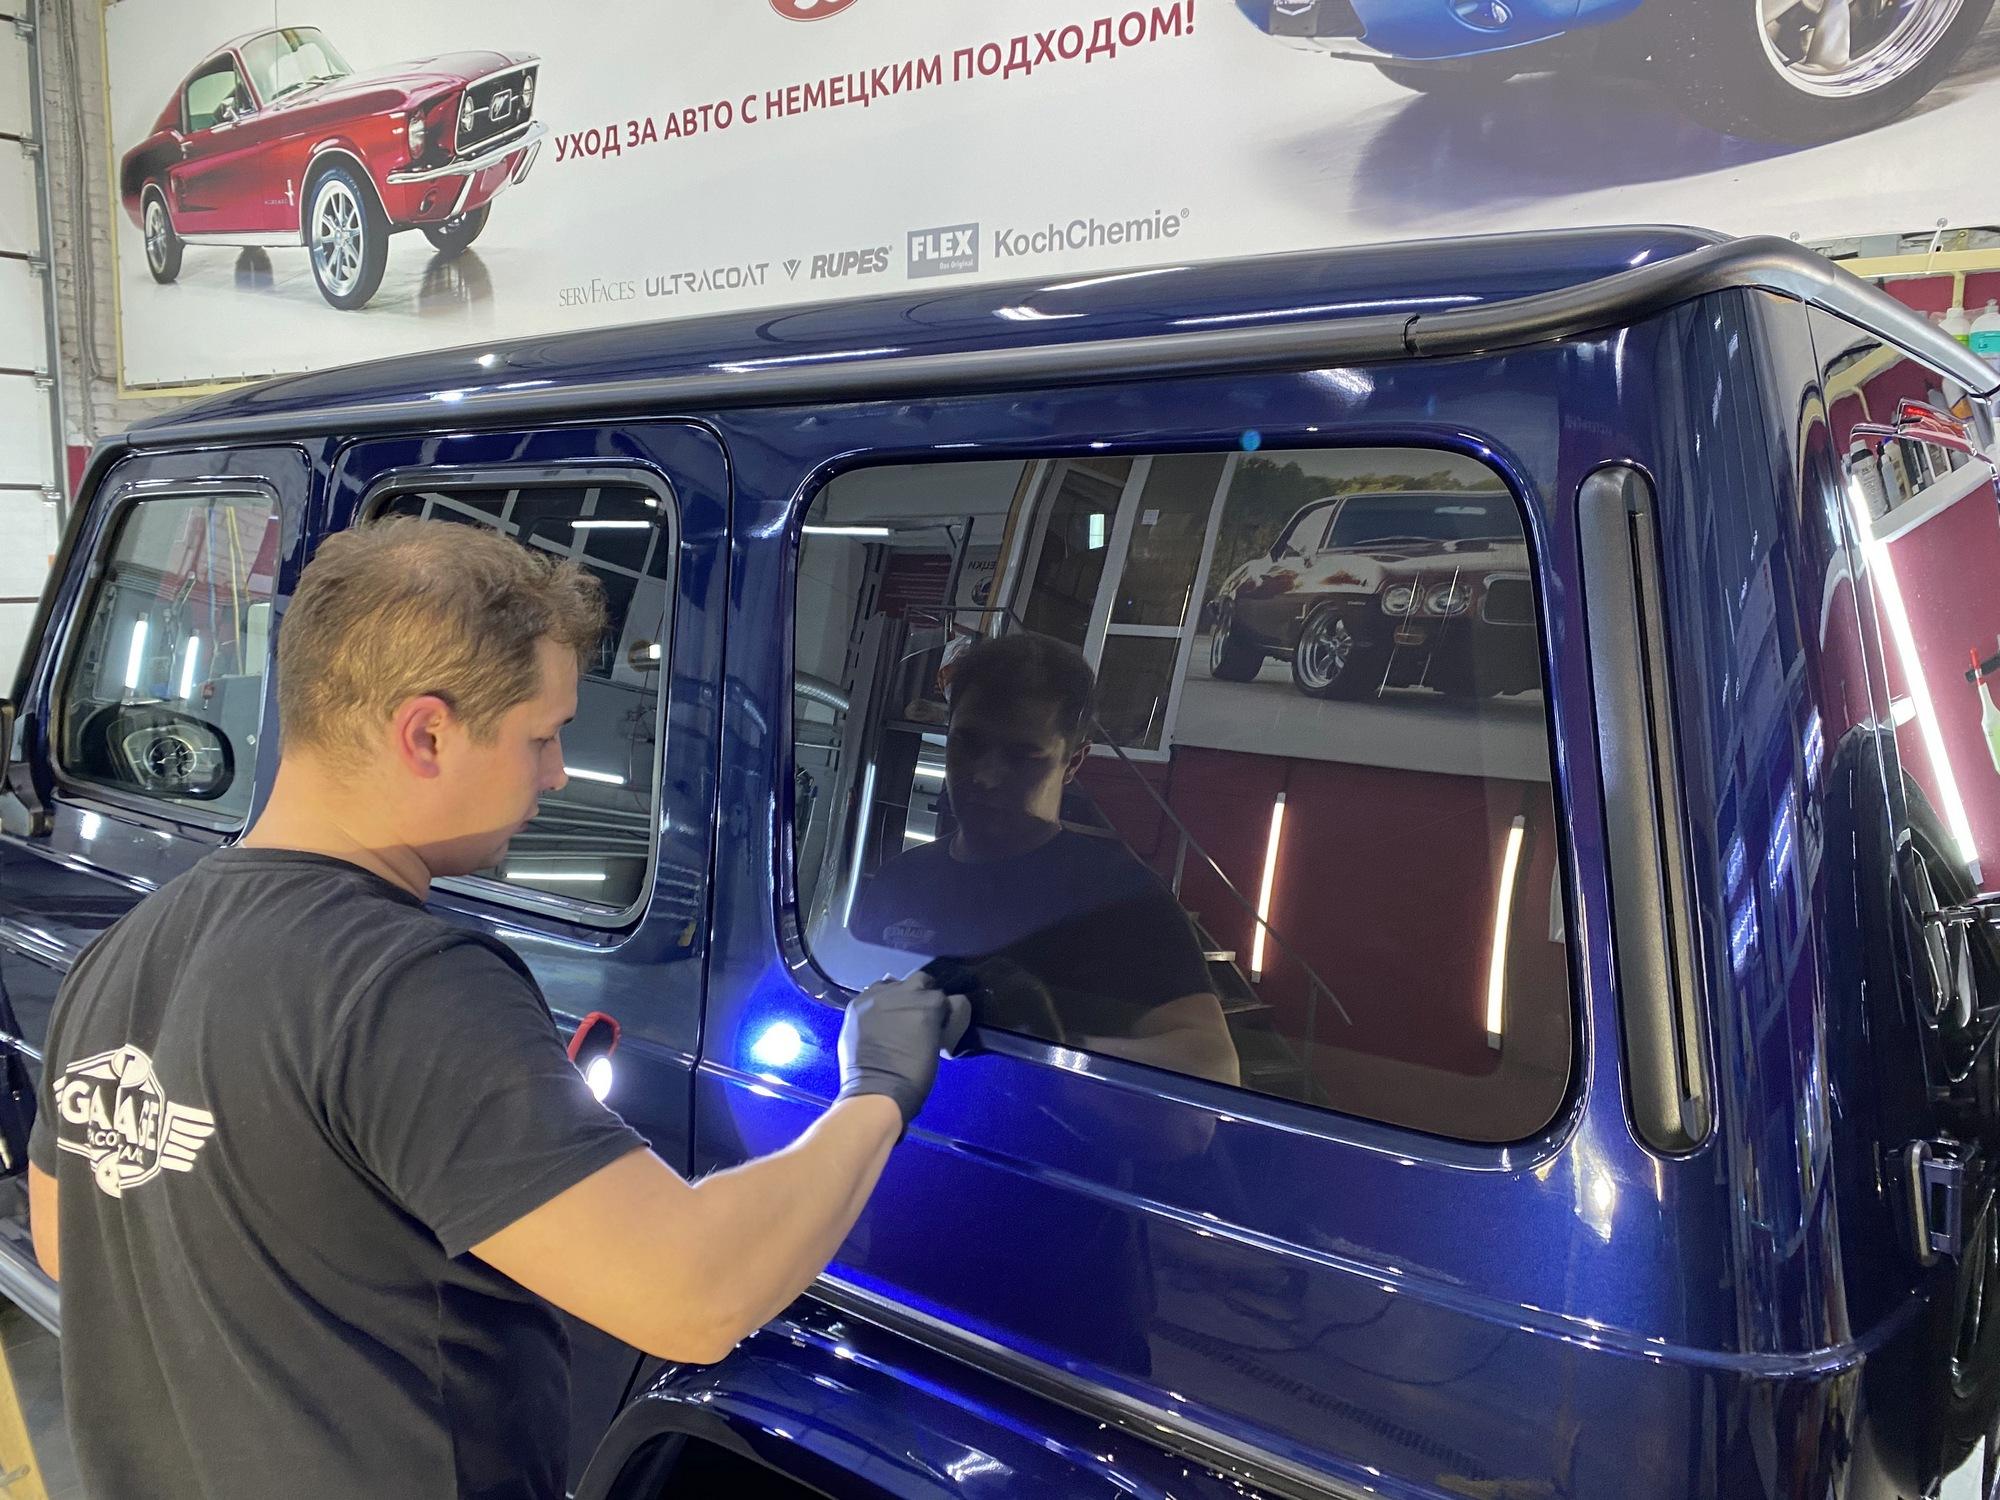 Смотреть на фото процесс обработки автомобиля Гелентваген жидким стеклом.